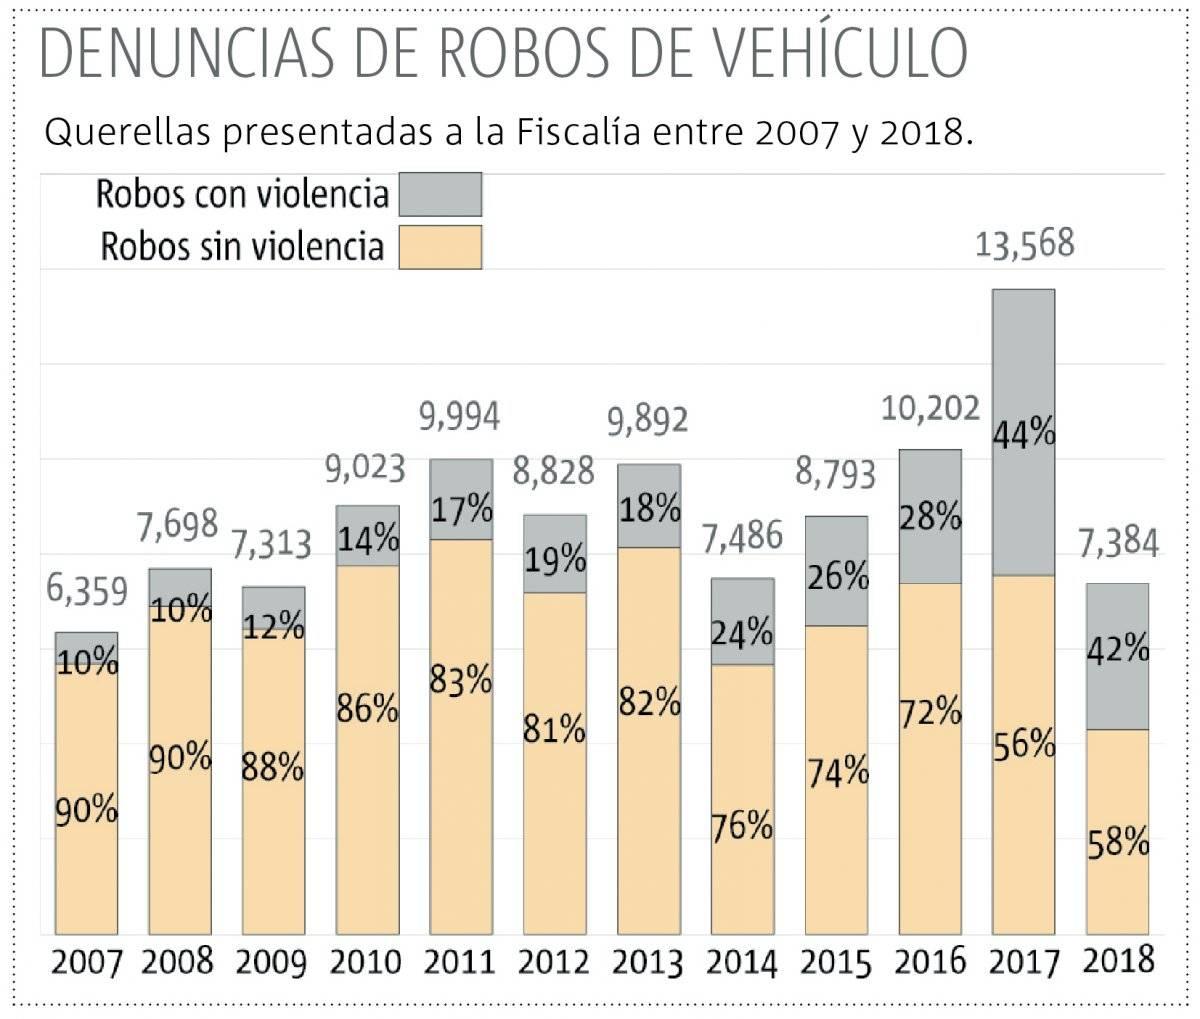 Crece violencia en robo de autos en Jalisco